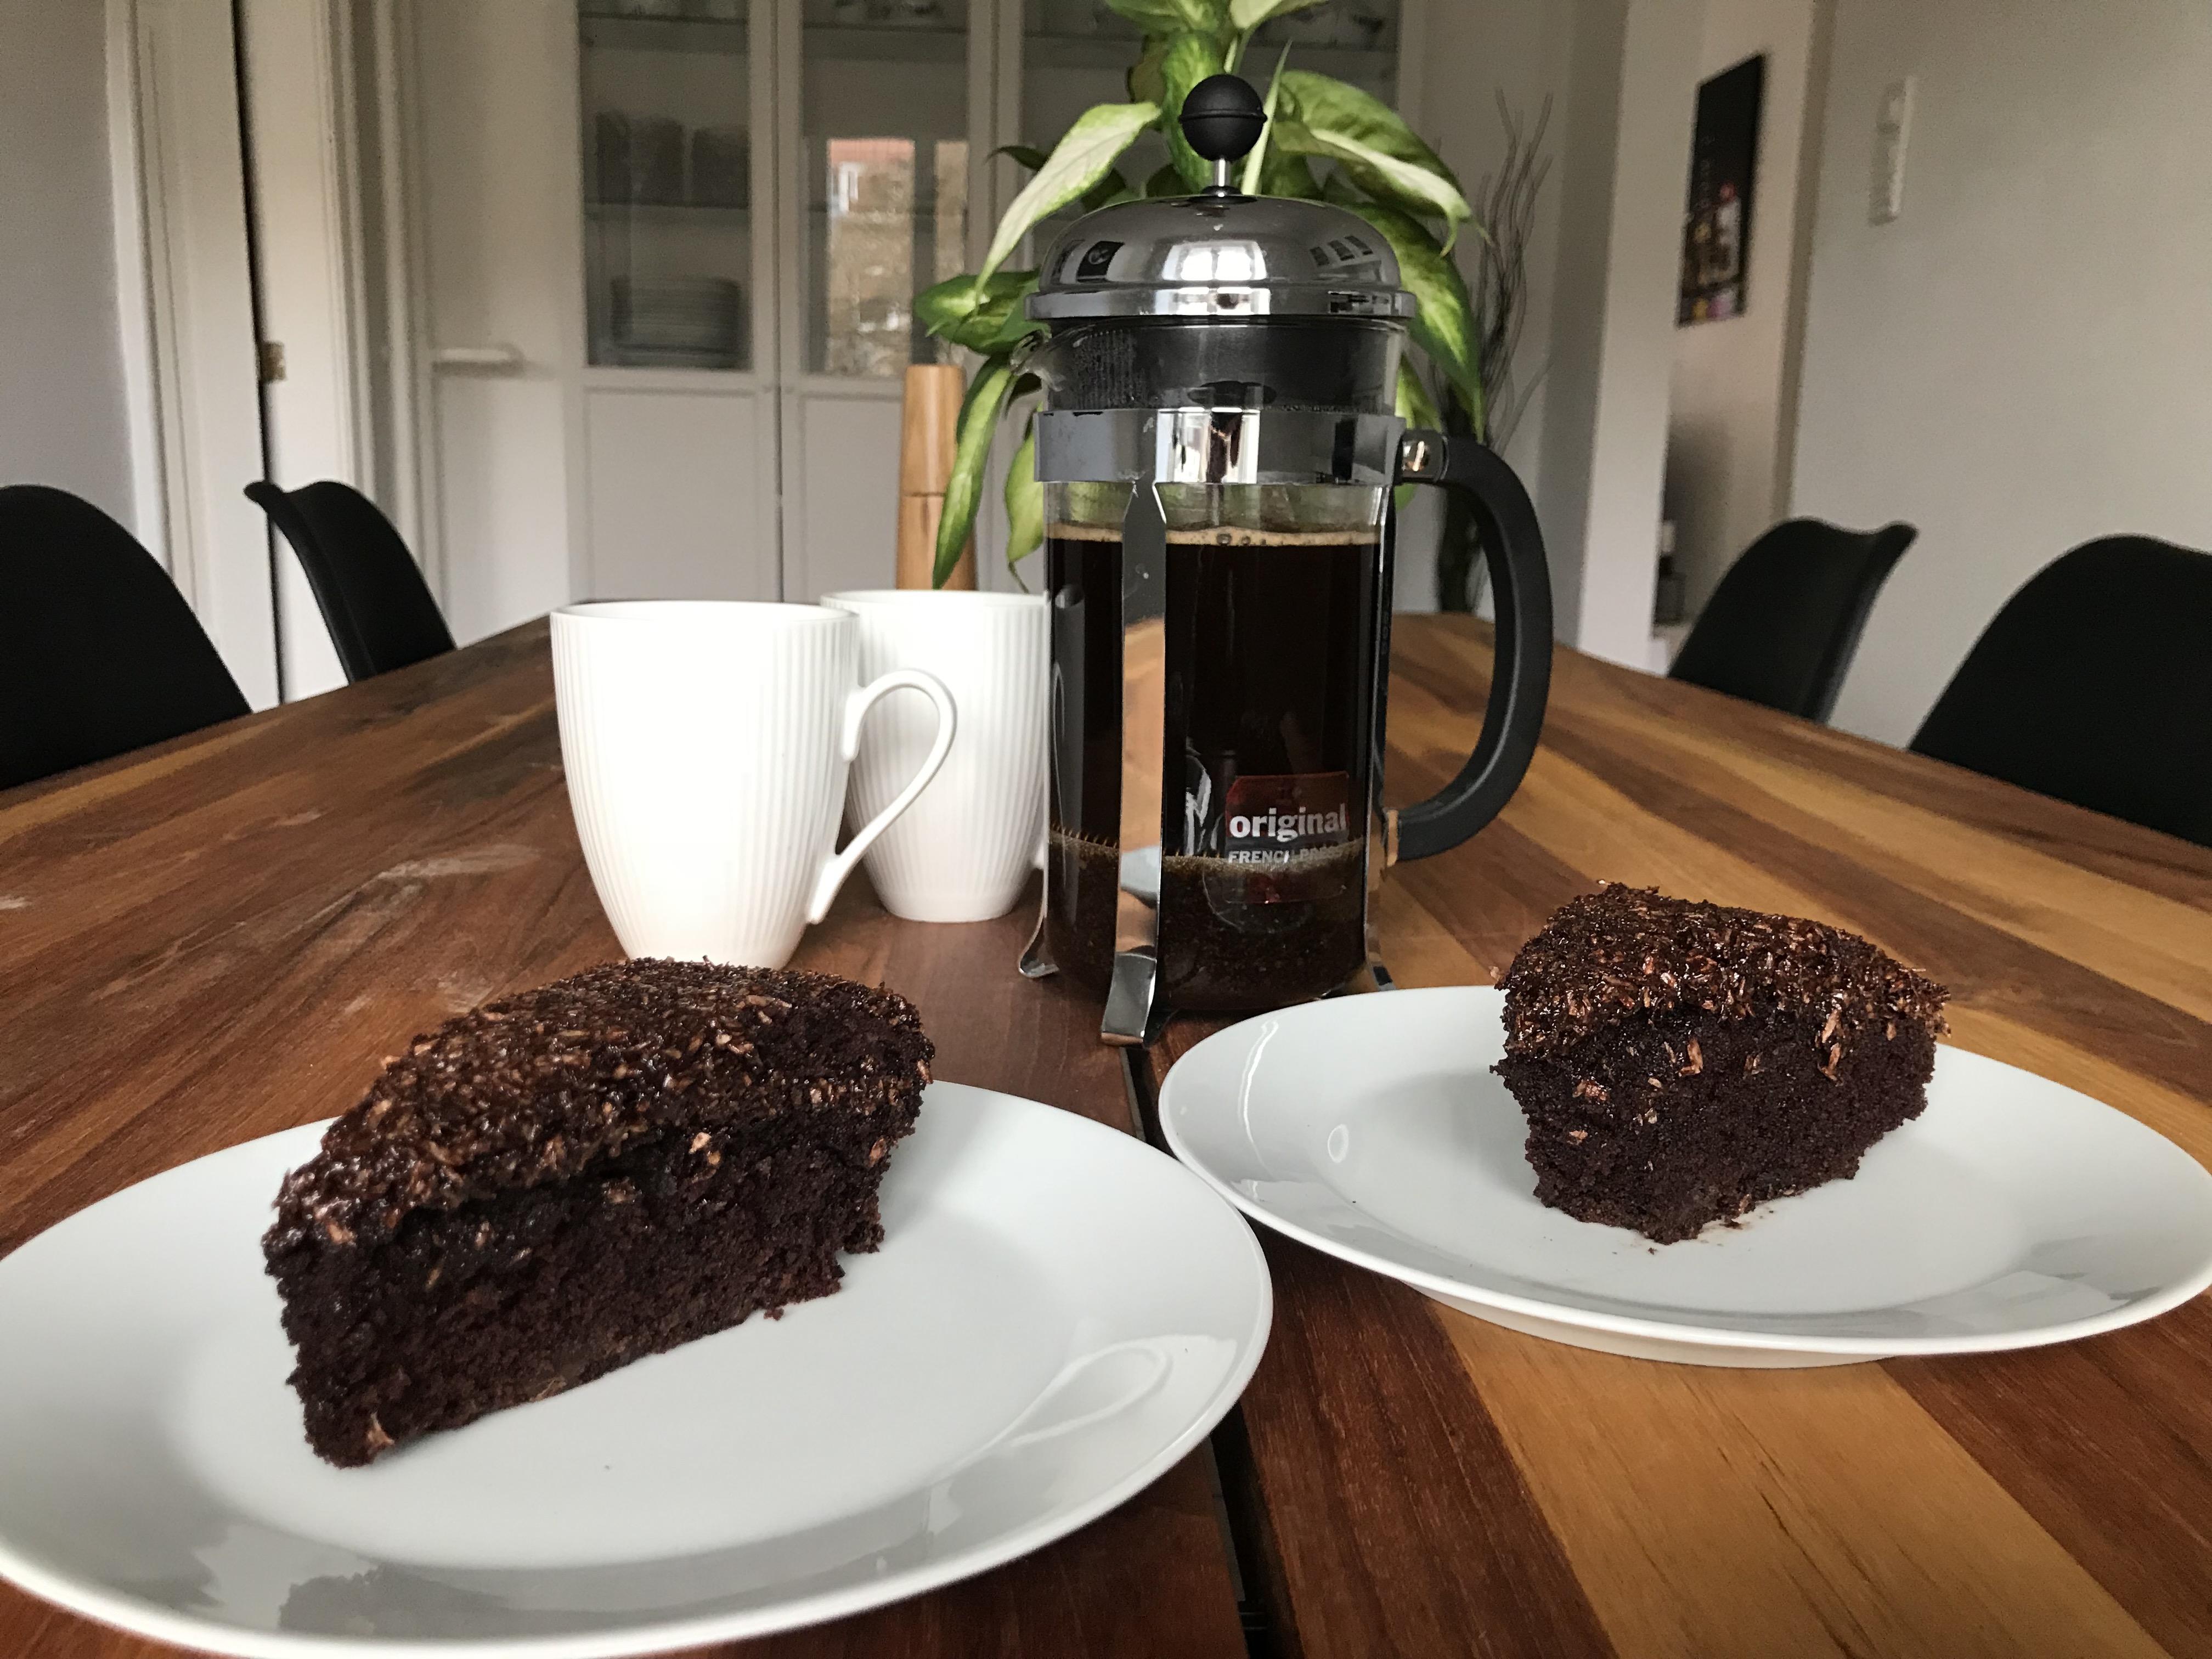 Chokoladekage med kakao-kaffe-kokosglasur